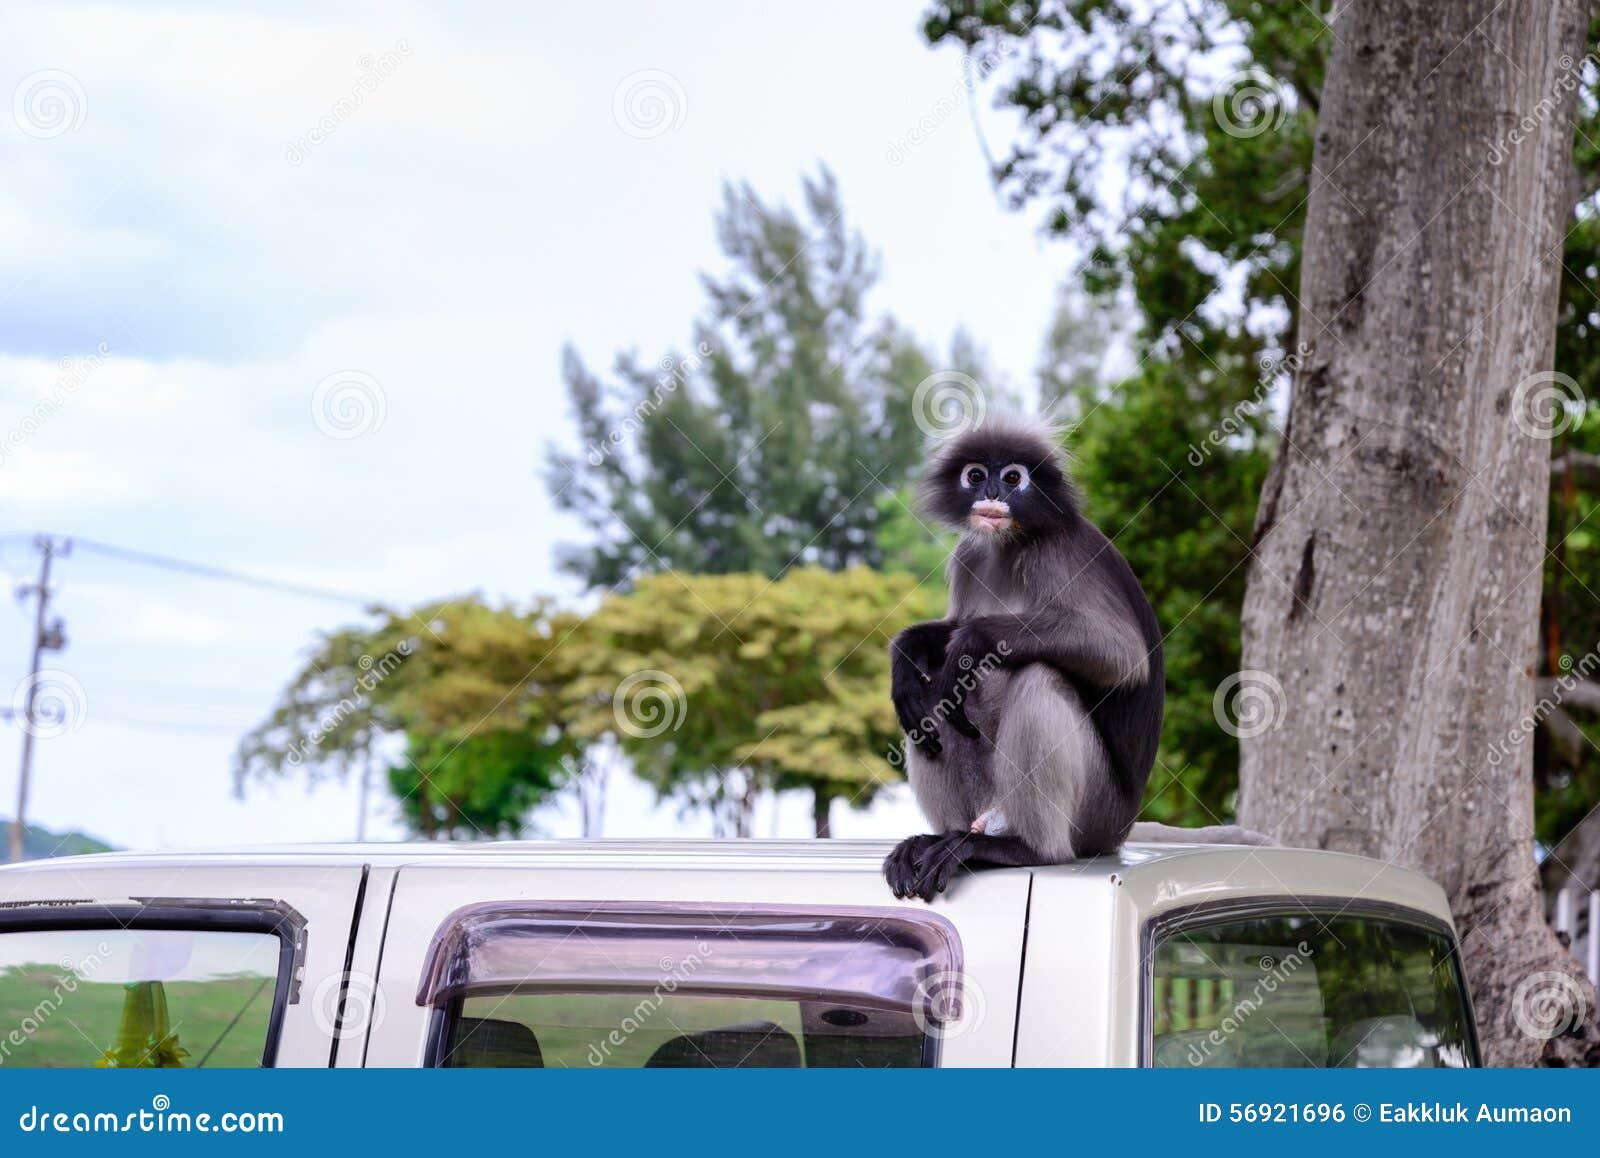 Σκοτεινός πίθηκος φύλλων, σκοτεινό langur, με γυαλιά langur